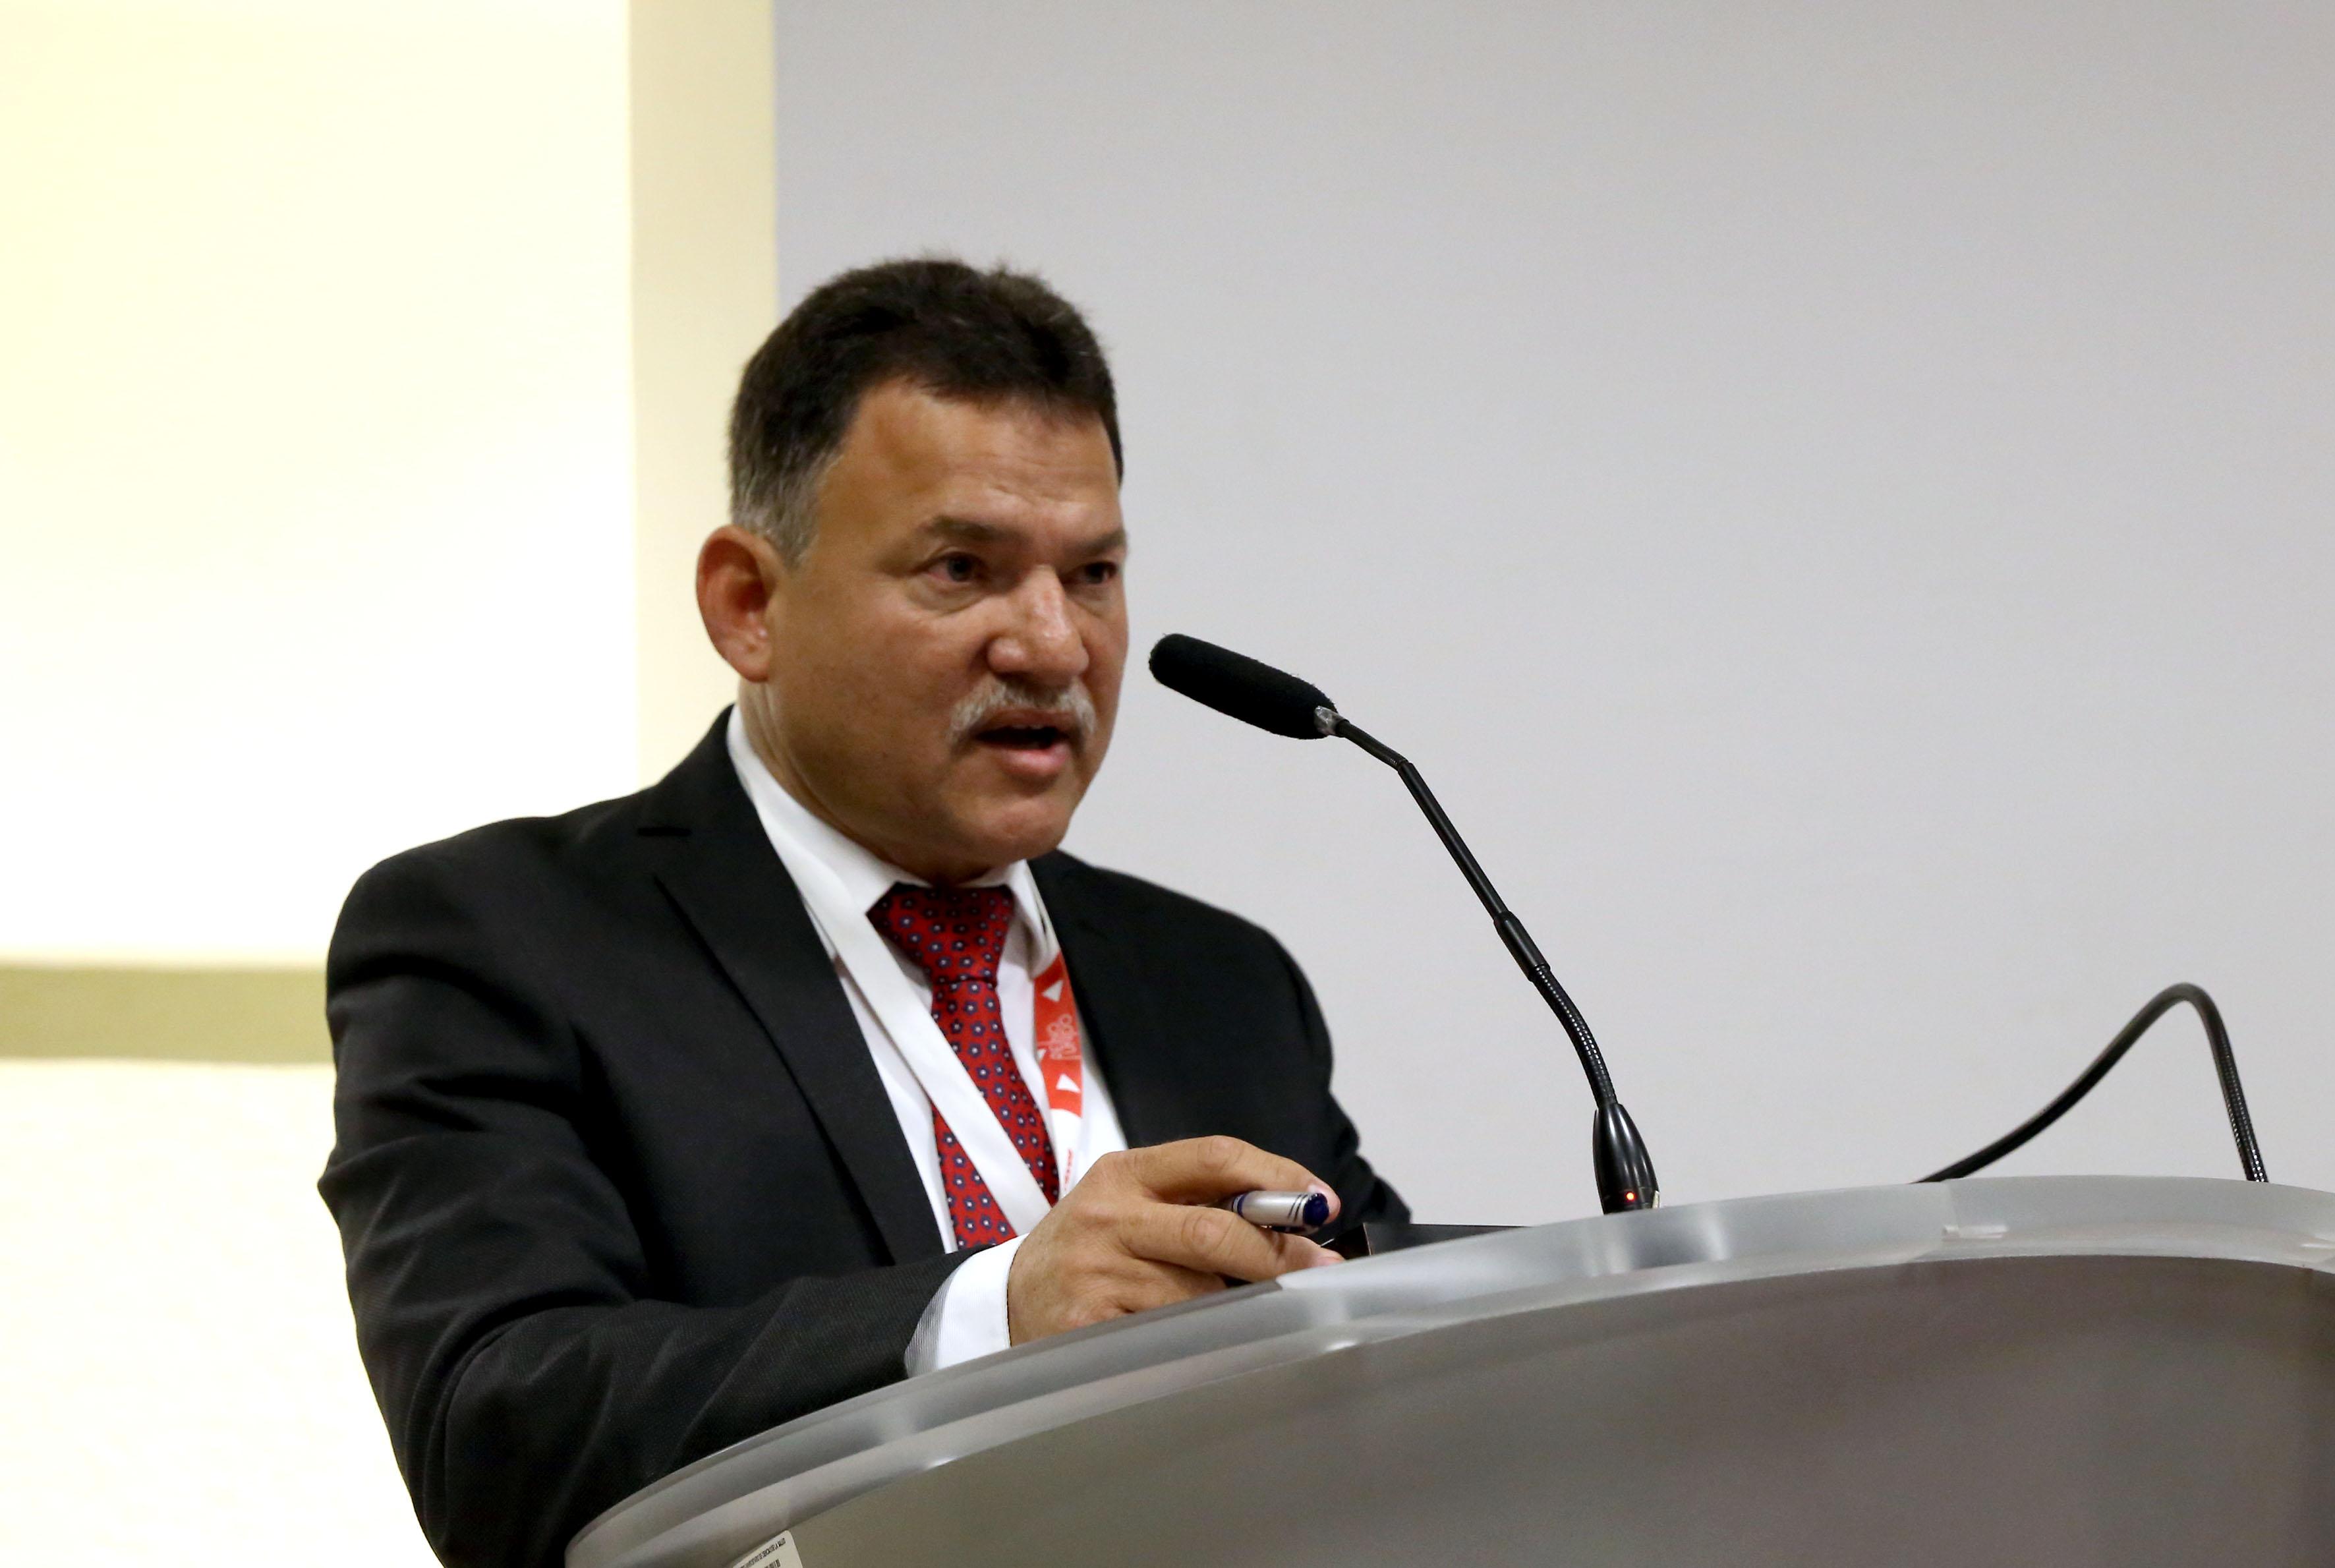 Presidente de la red, doctor Mario Carranza Aguilar al micrófono en el podio